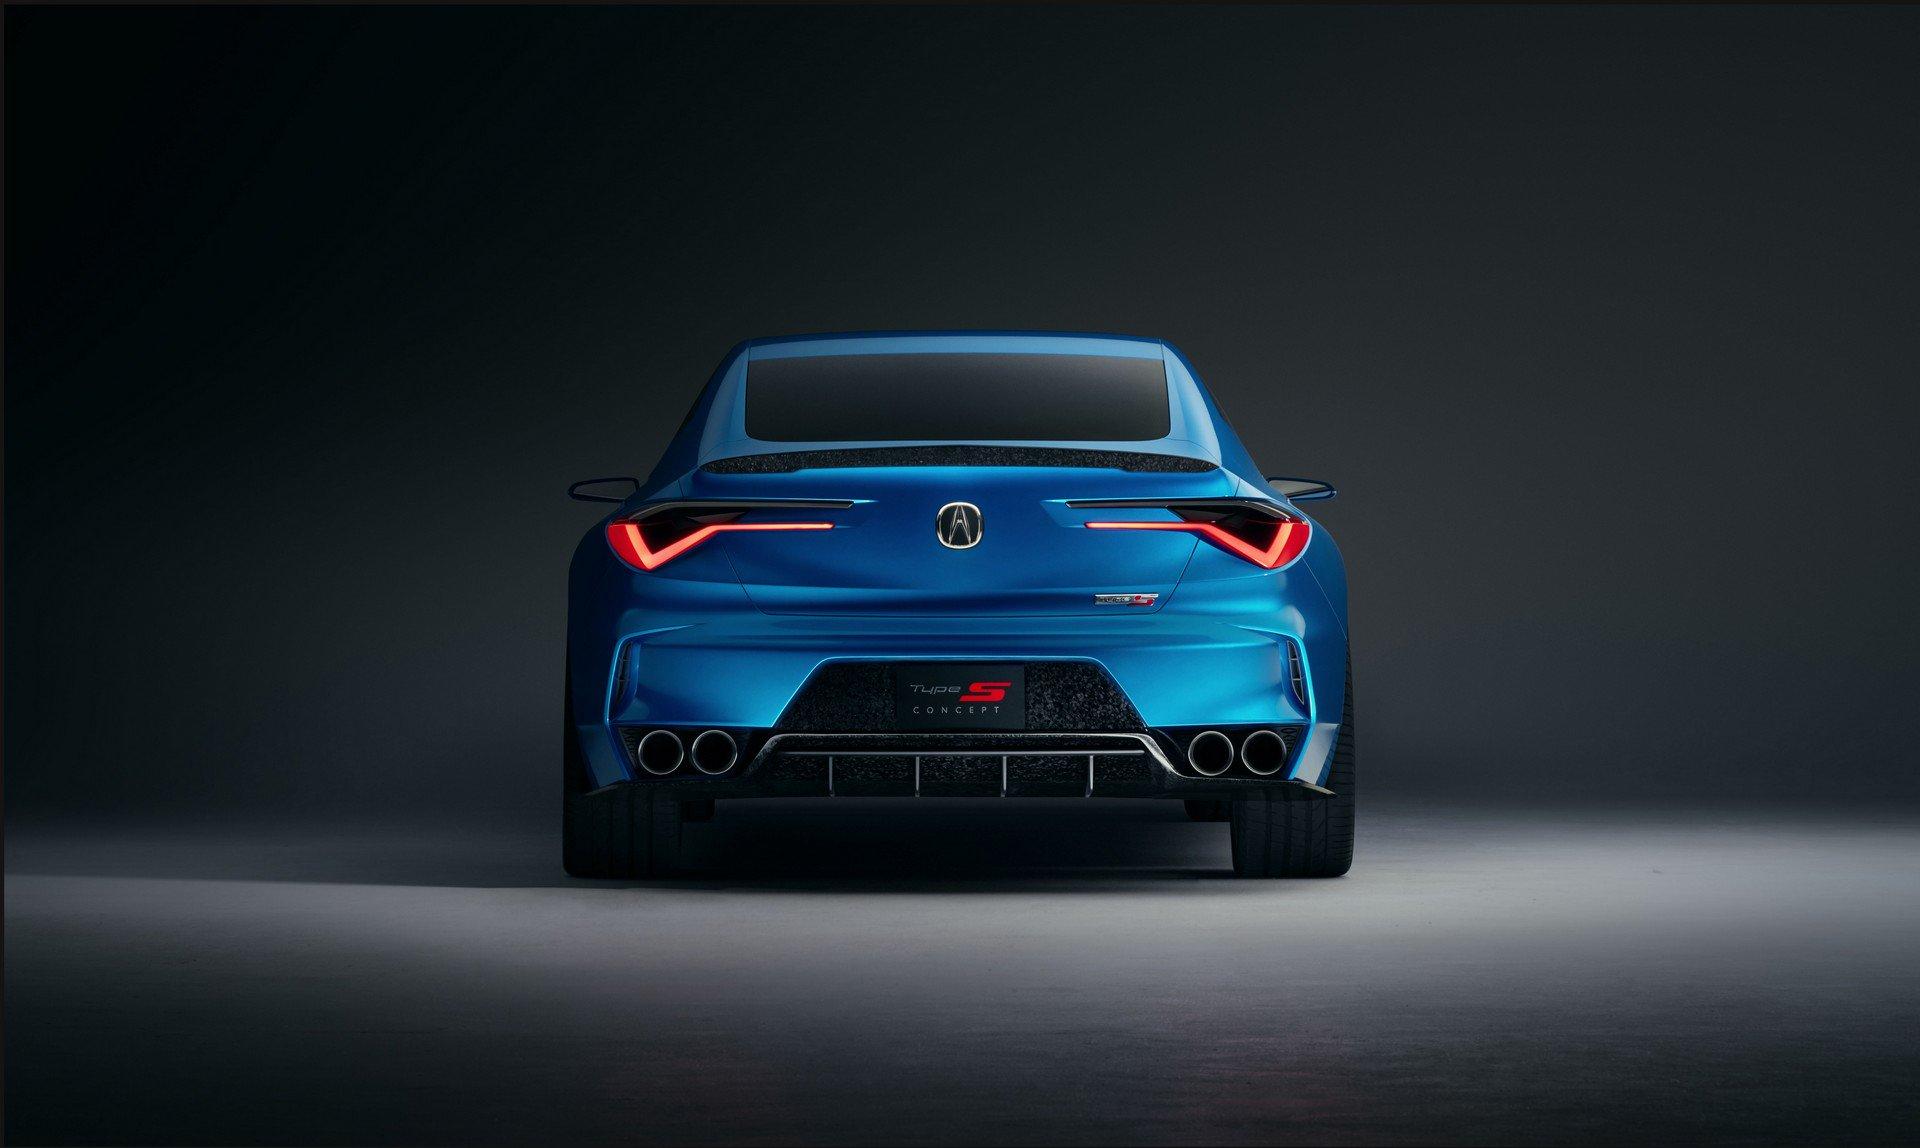 Acura-Type-S-Concept-4